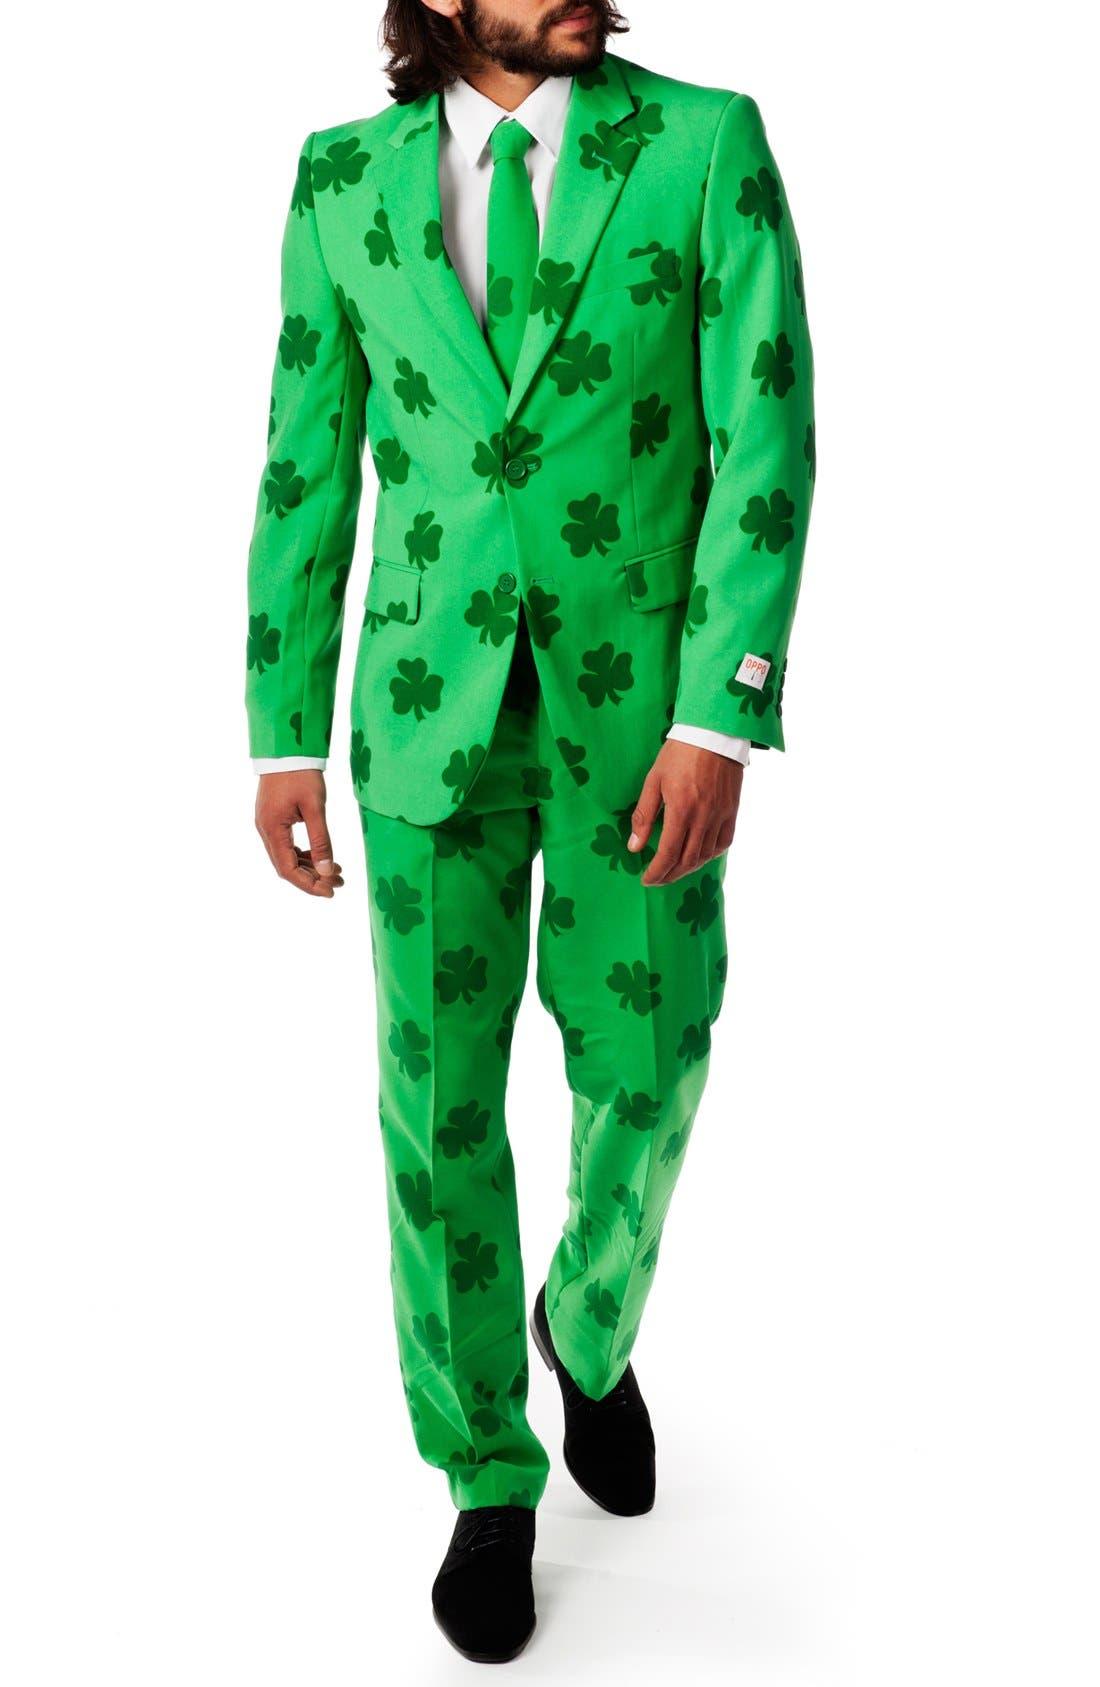 'Patrick' Trim Fit Two-Piece Suit with Tie,                             Alternate thumbnail 6, color,                             320